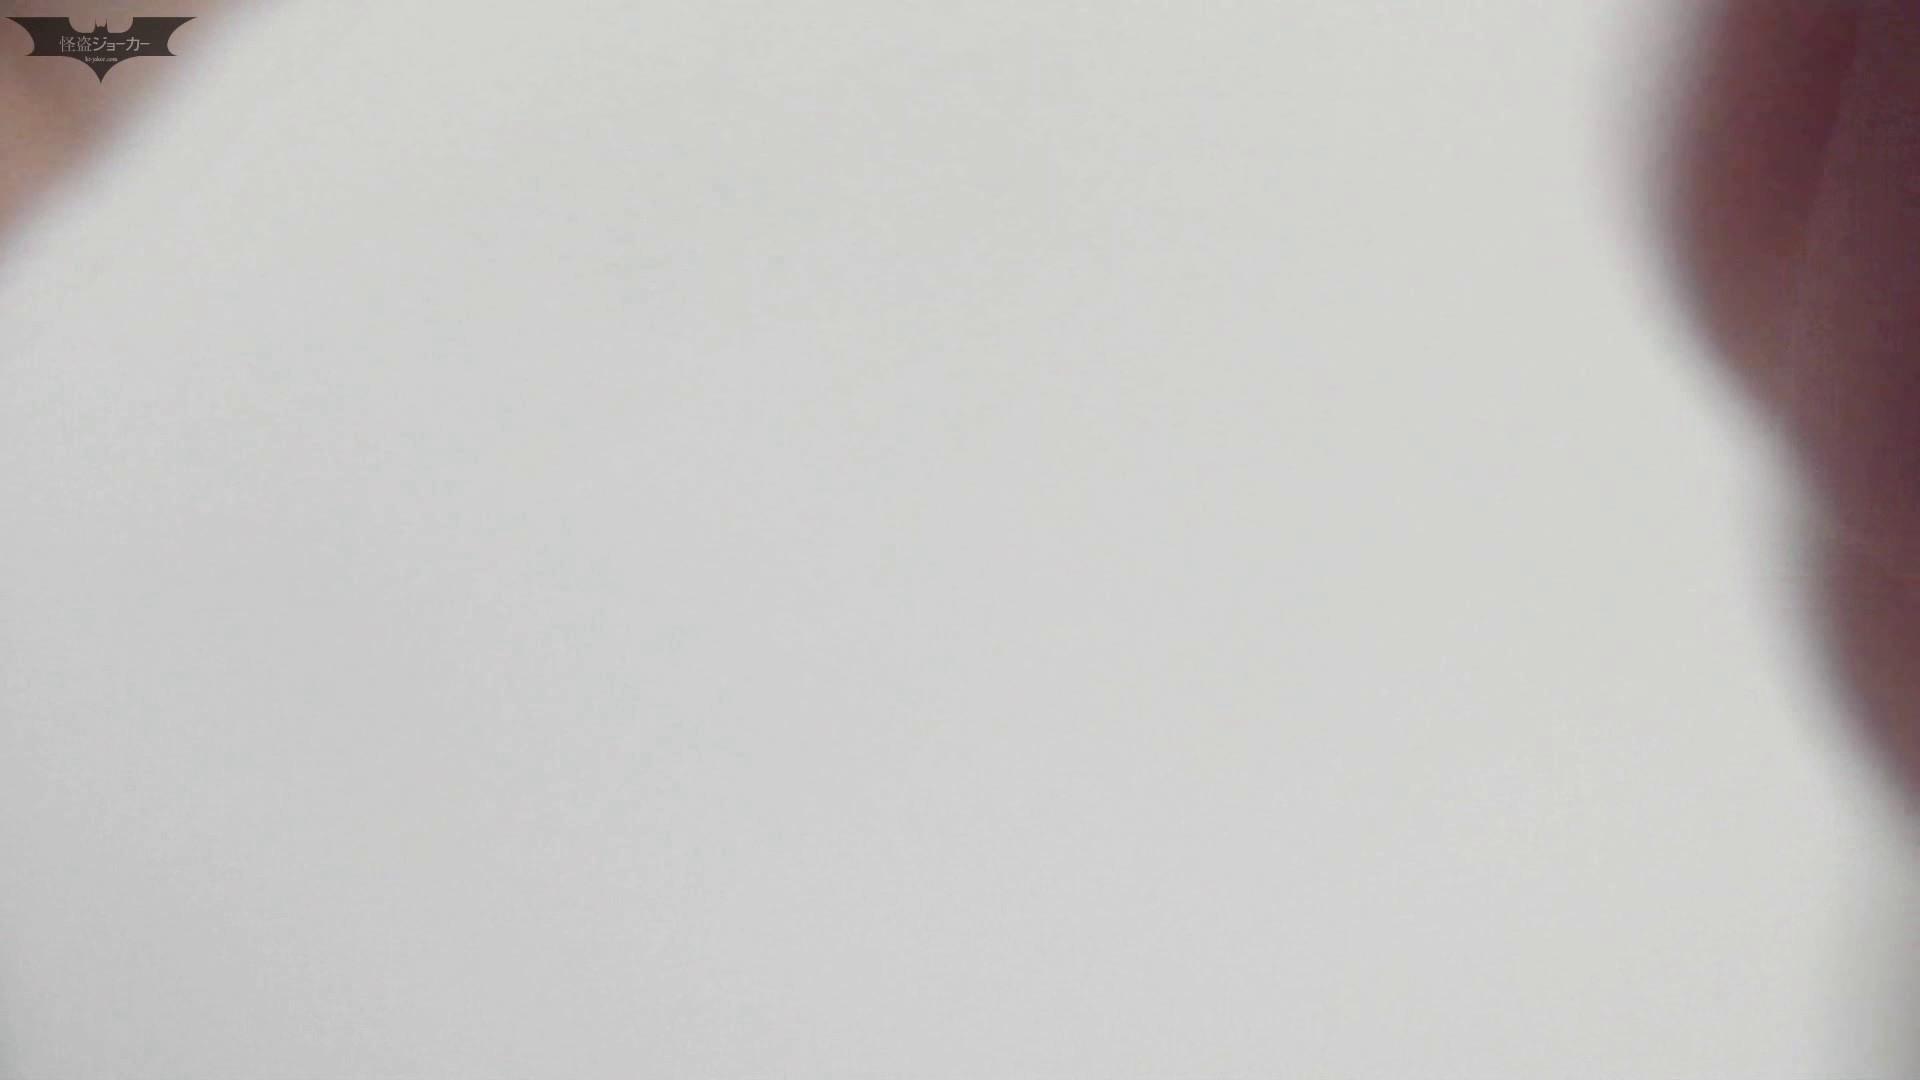 なんだこれ!! Vol.08 遂に美女登場!! OLの実態 盗撮エロ画像 93pic 66